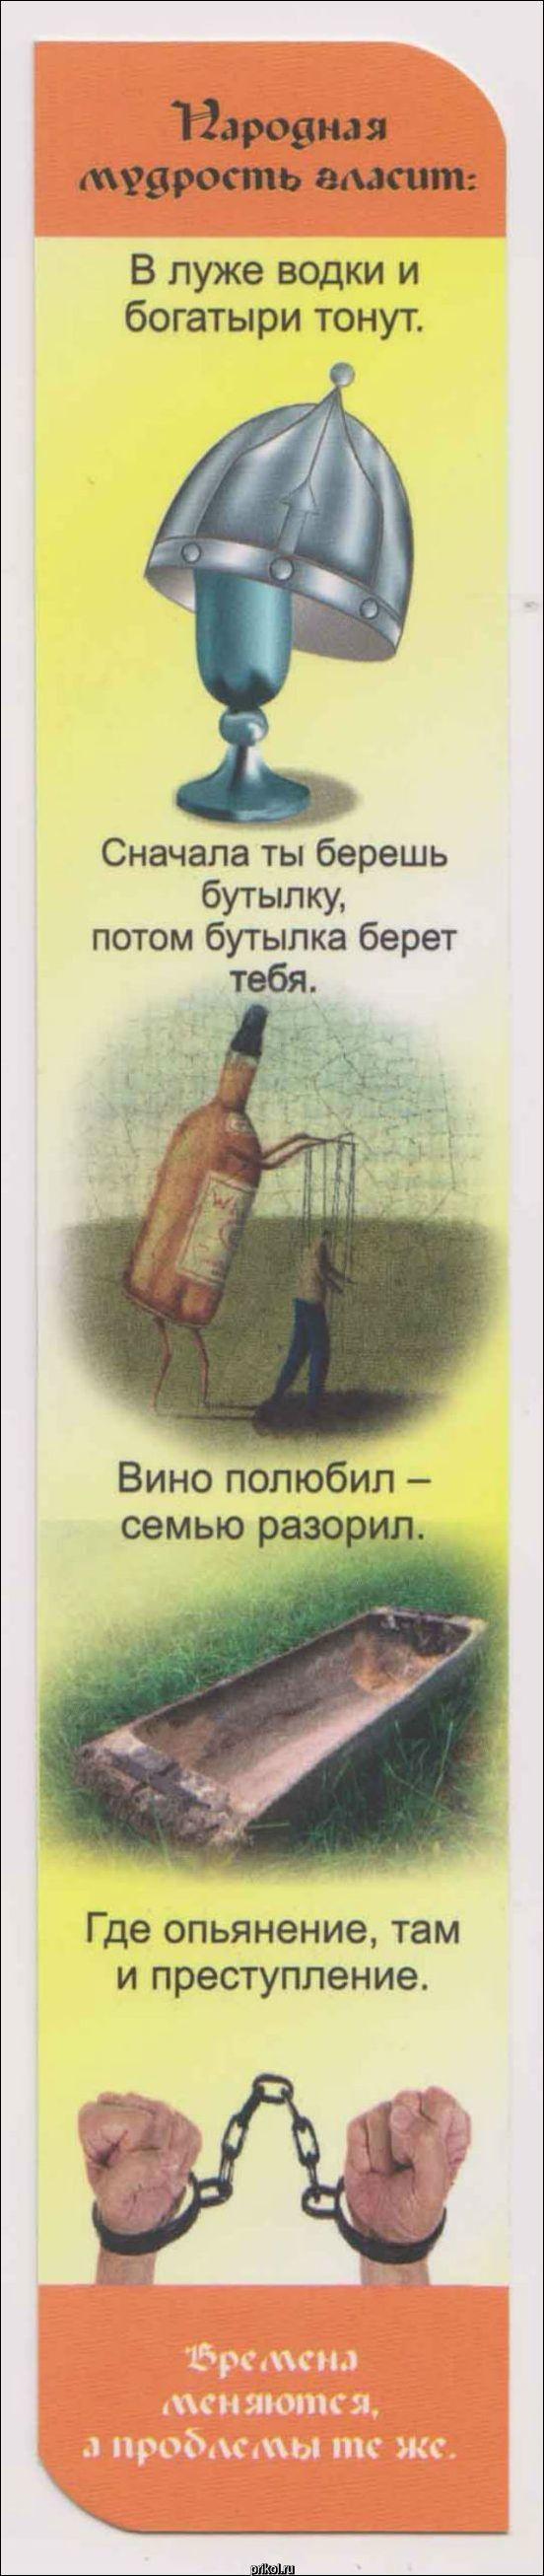 Ярославские школьники получили закладки с антиалкогольной пропагандой